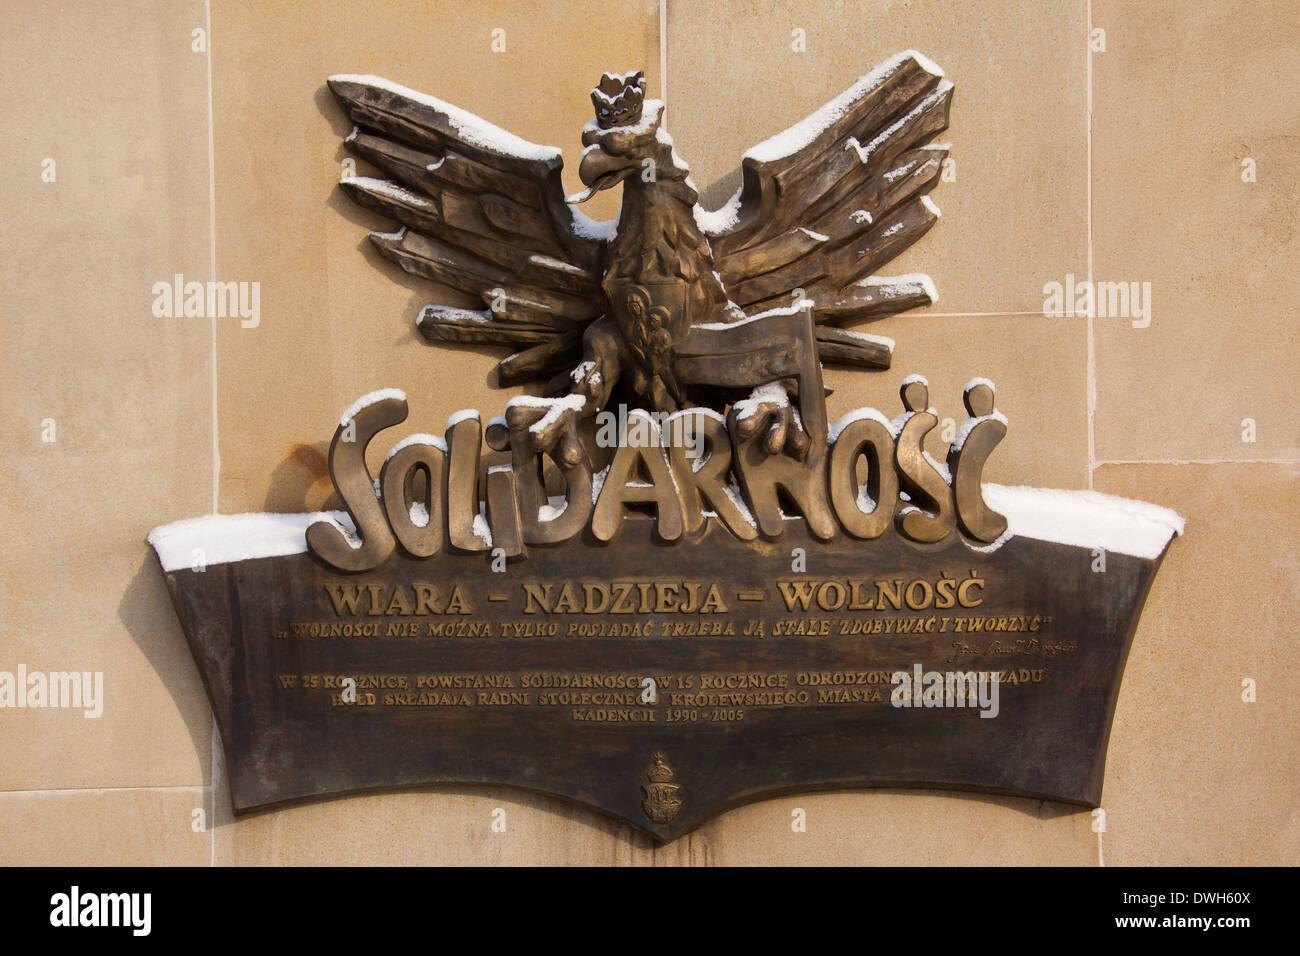 Memoriale per i lavoratori della solidarietà movimento sindacale (Solidarnosc) - Cracovia - Polonia Immagini Stock